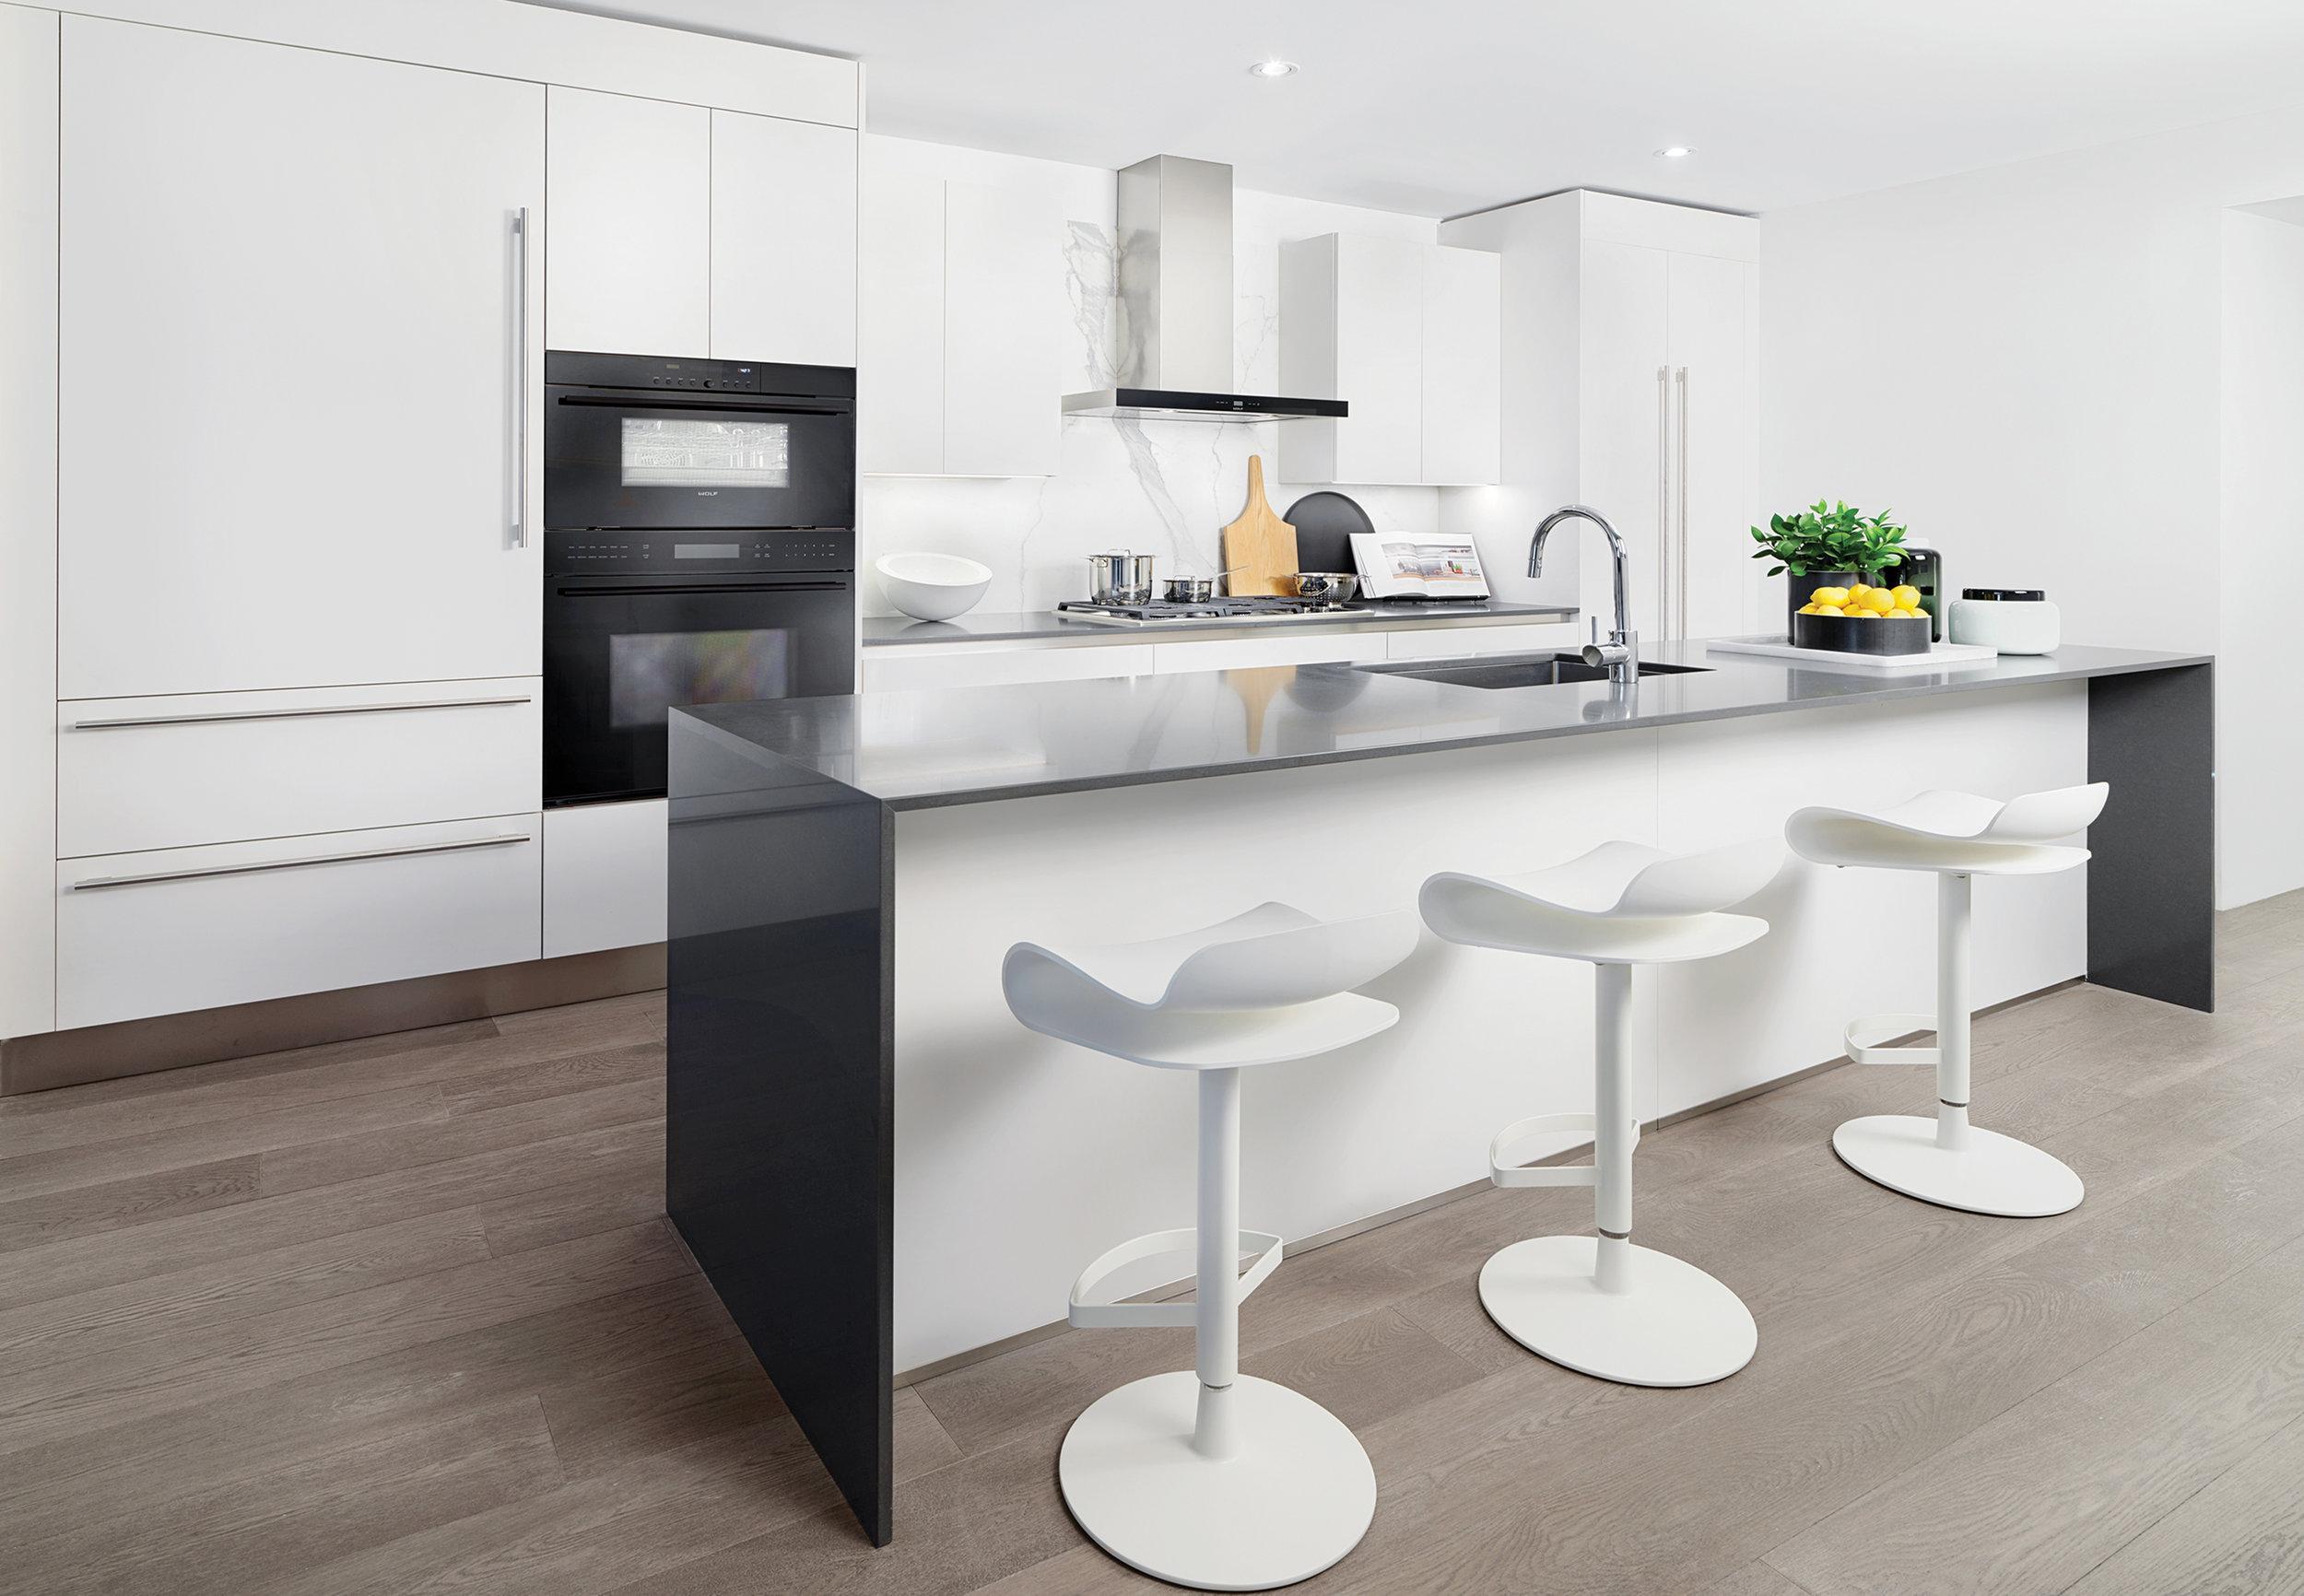 kitchen render 1.jpg